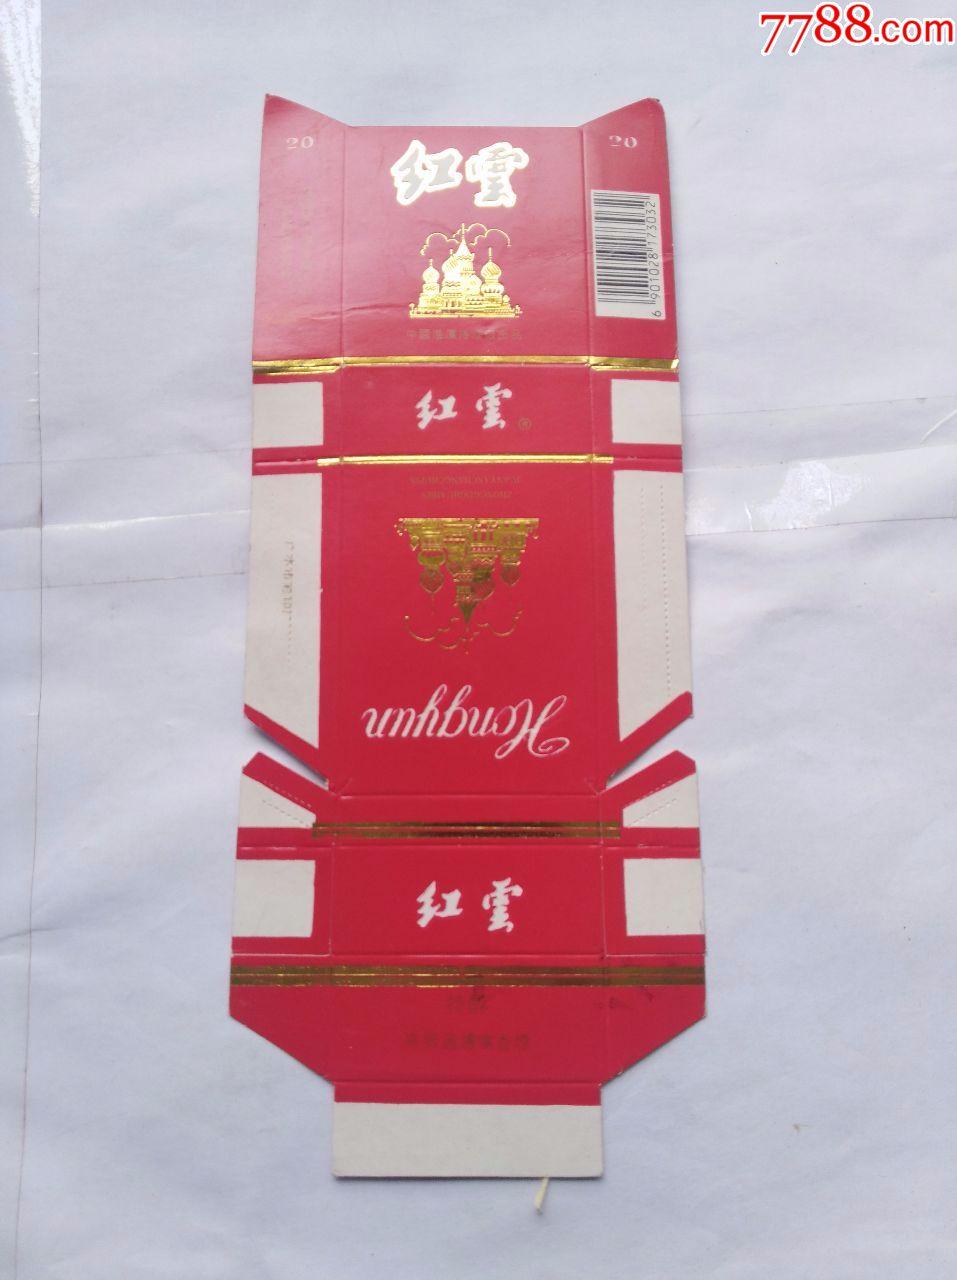 烟�9�$y�#��d_红云-au17607610-烟标/烟盒-加价-7788收藏__中国收藏